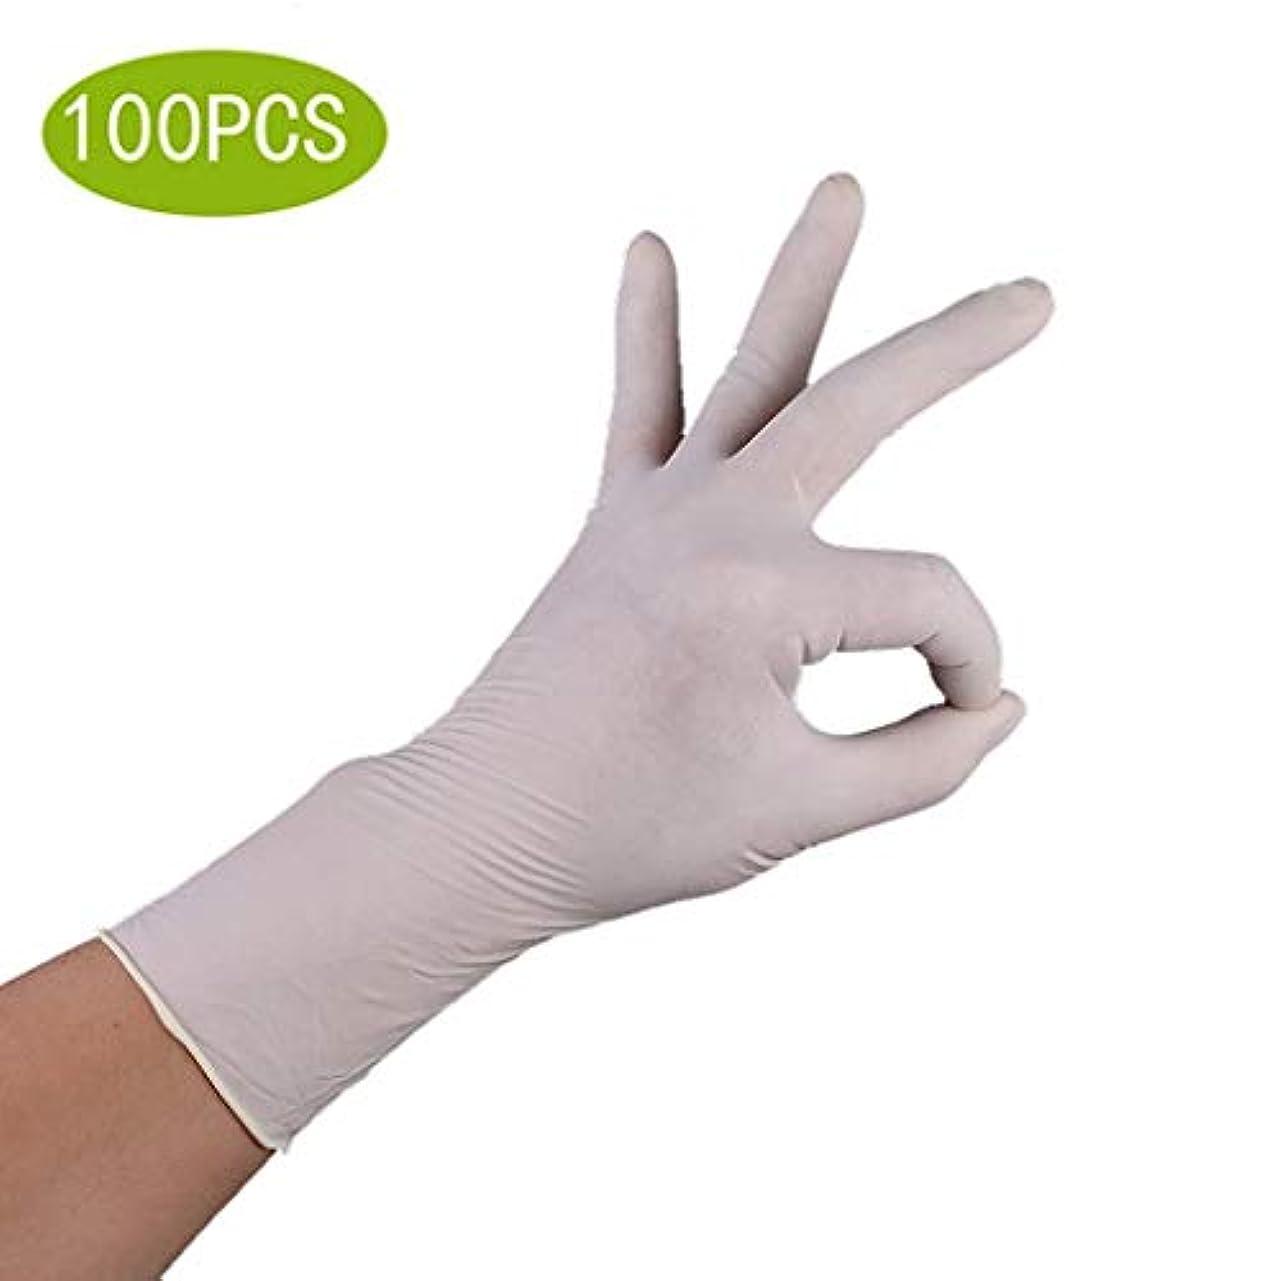 特性曇った天国使い捨て手袋食品ケータリング手術丁清ゴムラテックススキンキッチン厚い試験/食品グレード安全用品、使い捨て手袋ディスペンサー[100個] (Size : L)